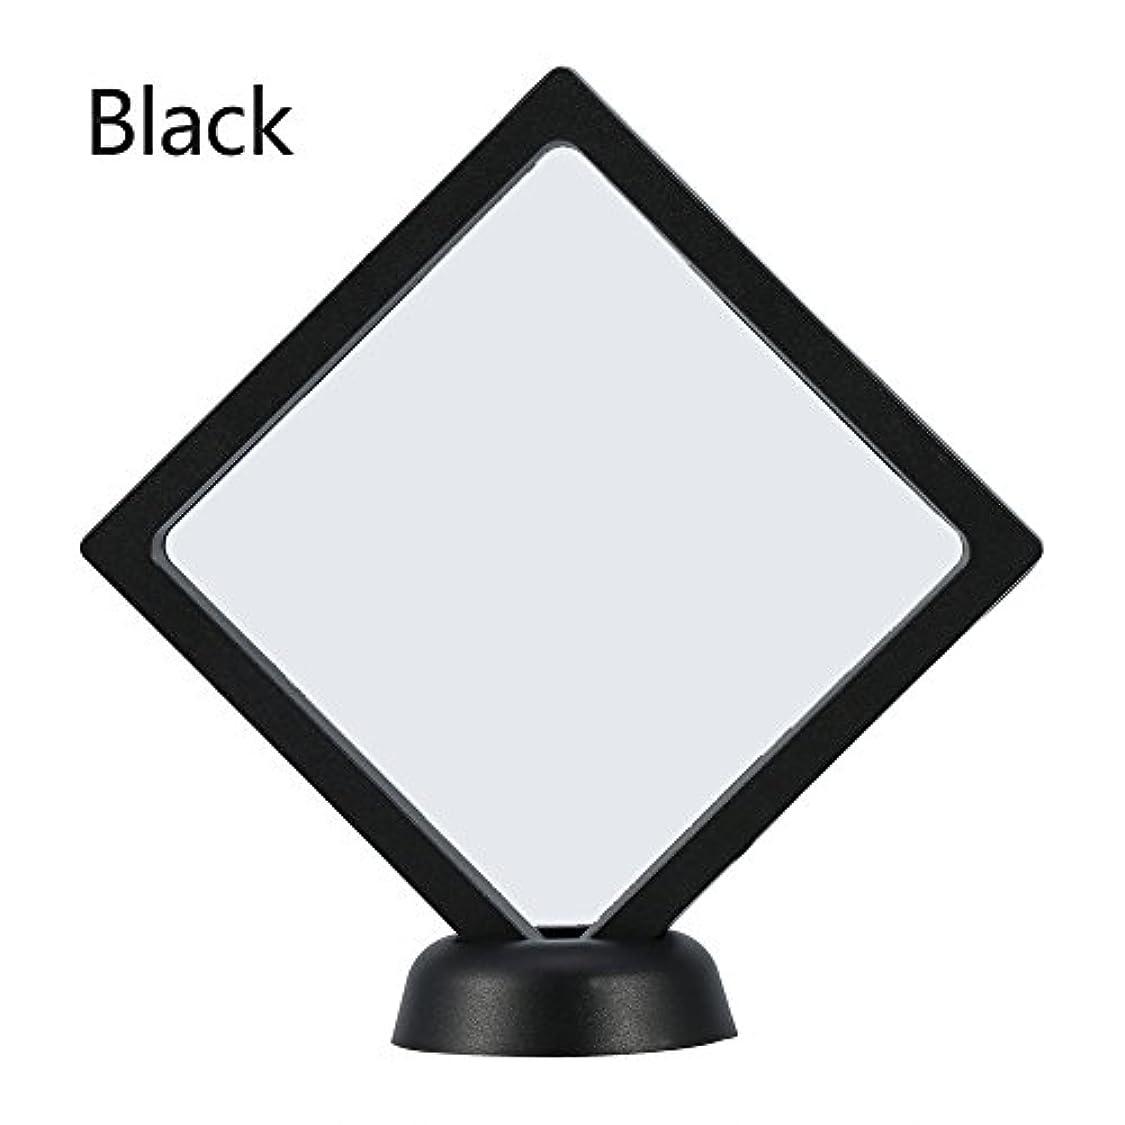 クレジット蒸留する小包アクリルネイルプレートとPETフィルムディスプレイスクリーン付きの2つのダイヤモンドネイルディスプレイスタンド - 4.3 4.3インチネイルホルダーツール(Black)